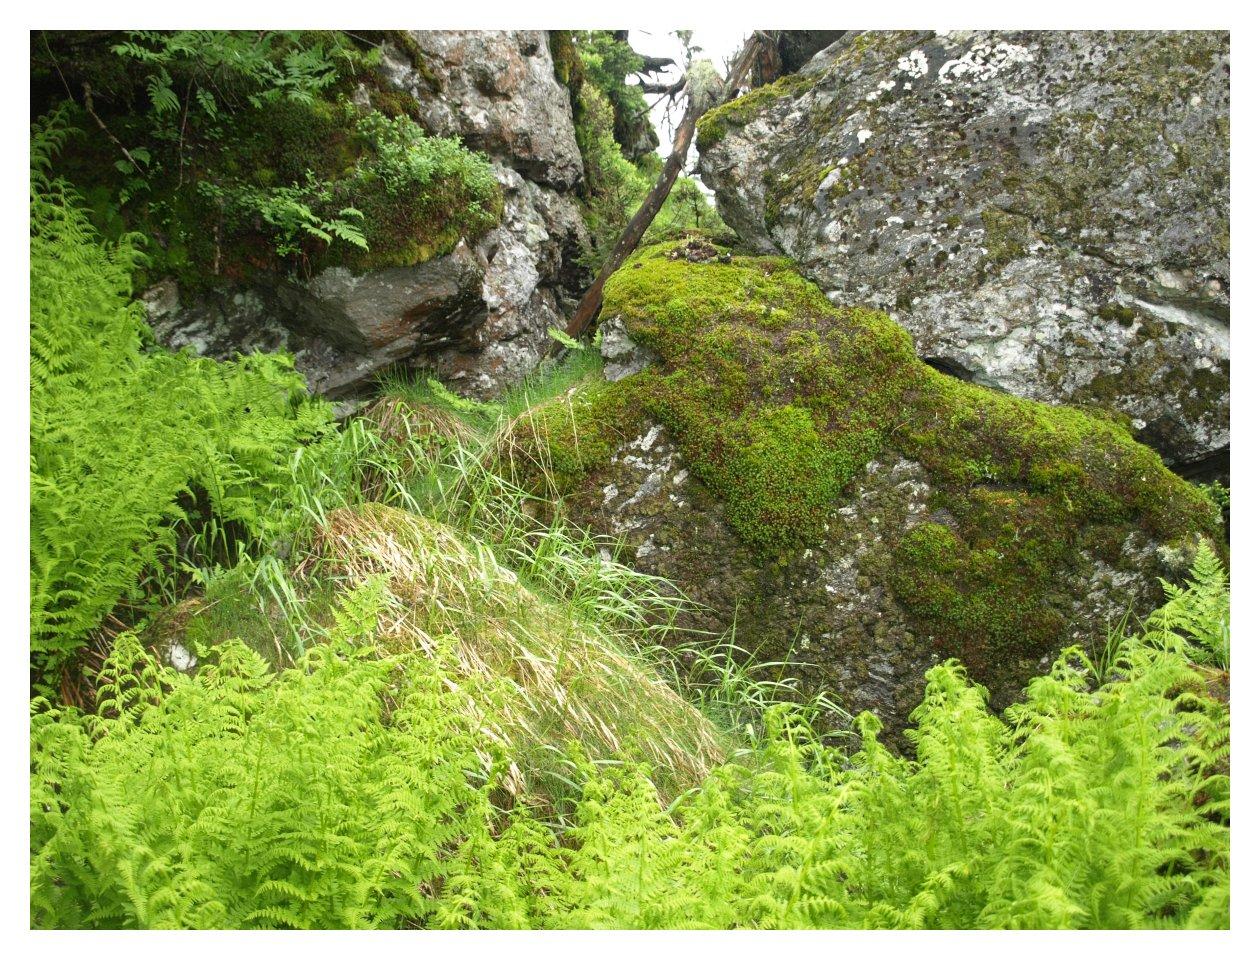 http://www.bayerwaldwandern.de/juni15/23juni15_8.jpg